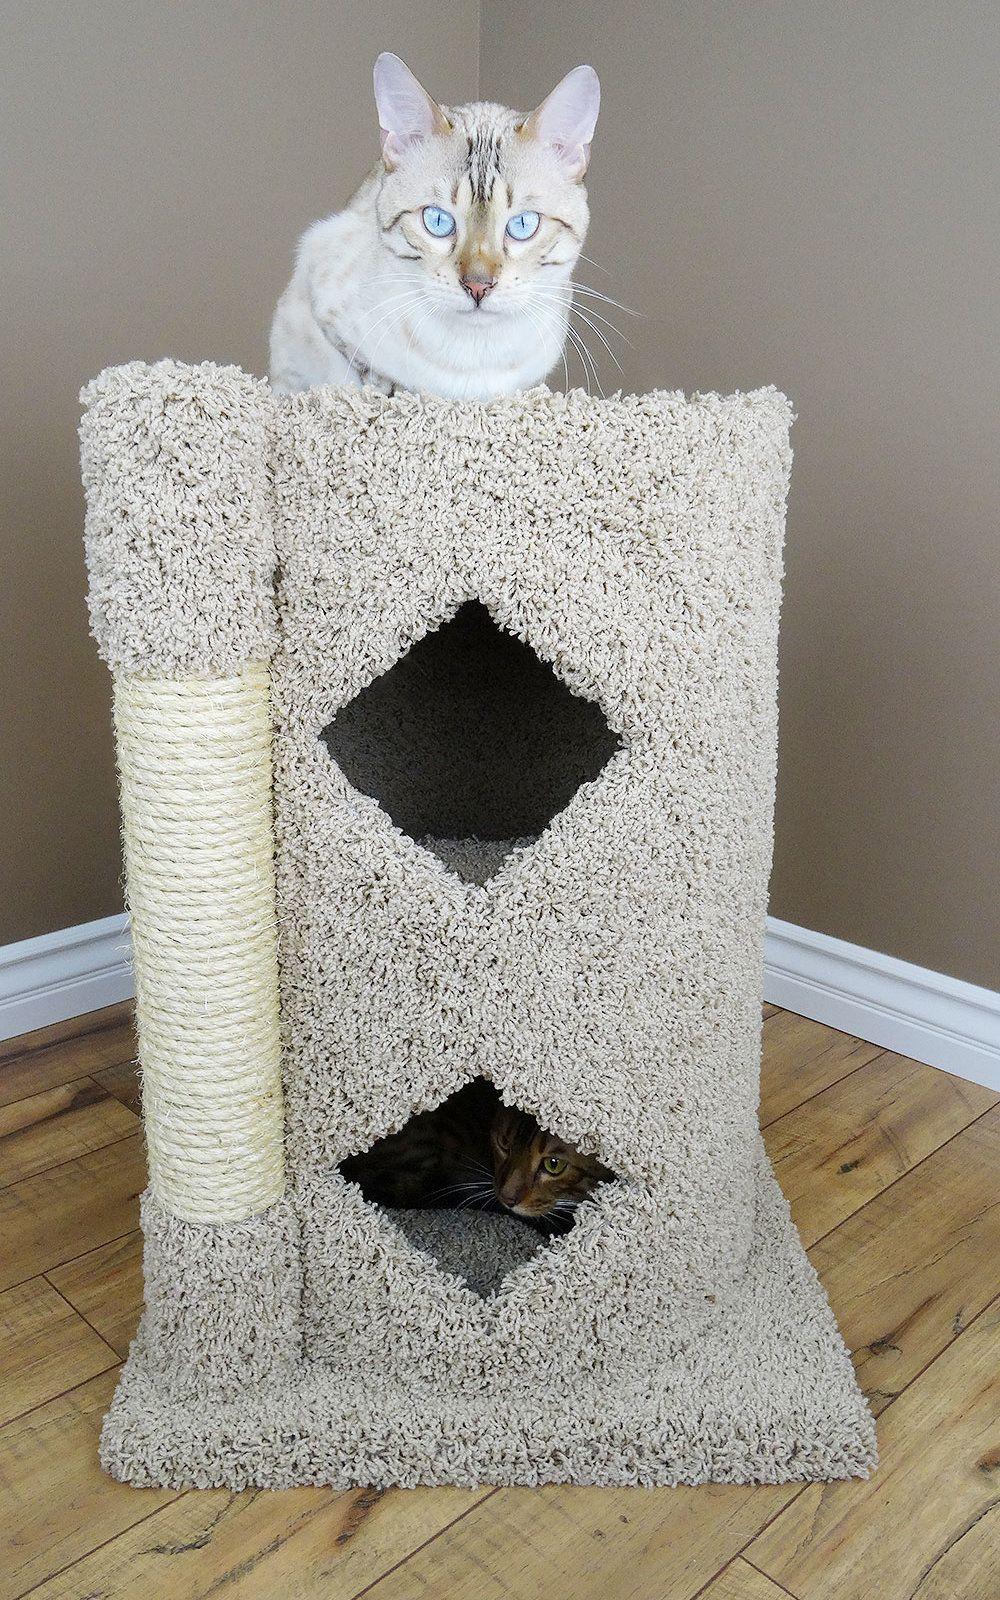 28 Premier 2 Story Solid Wood Cat Condo Condominio De Gato Gatos